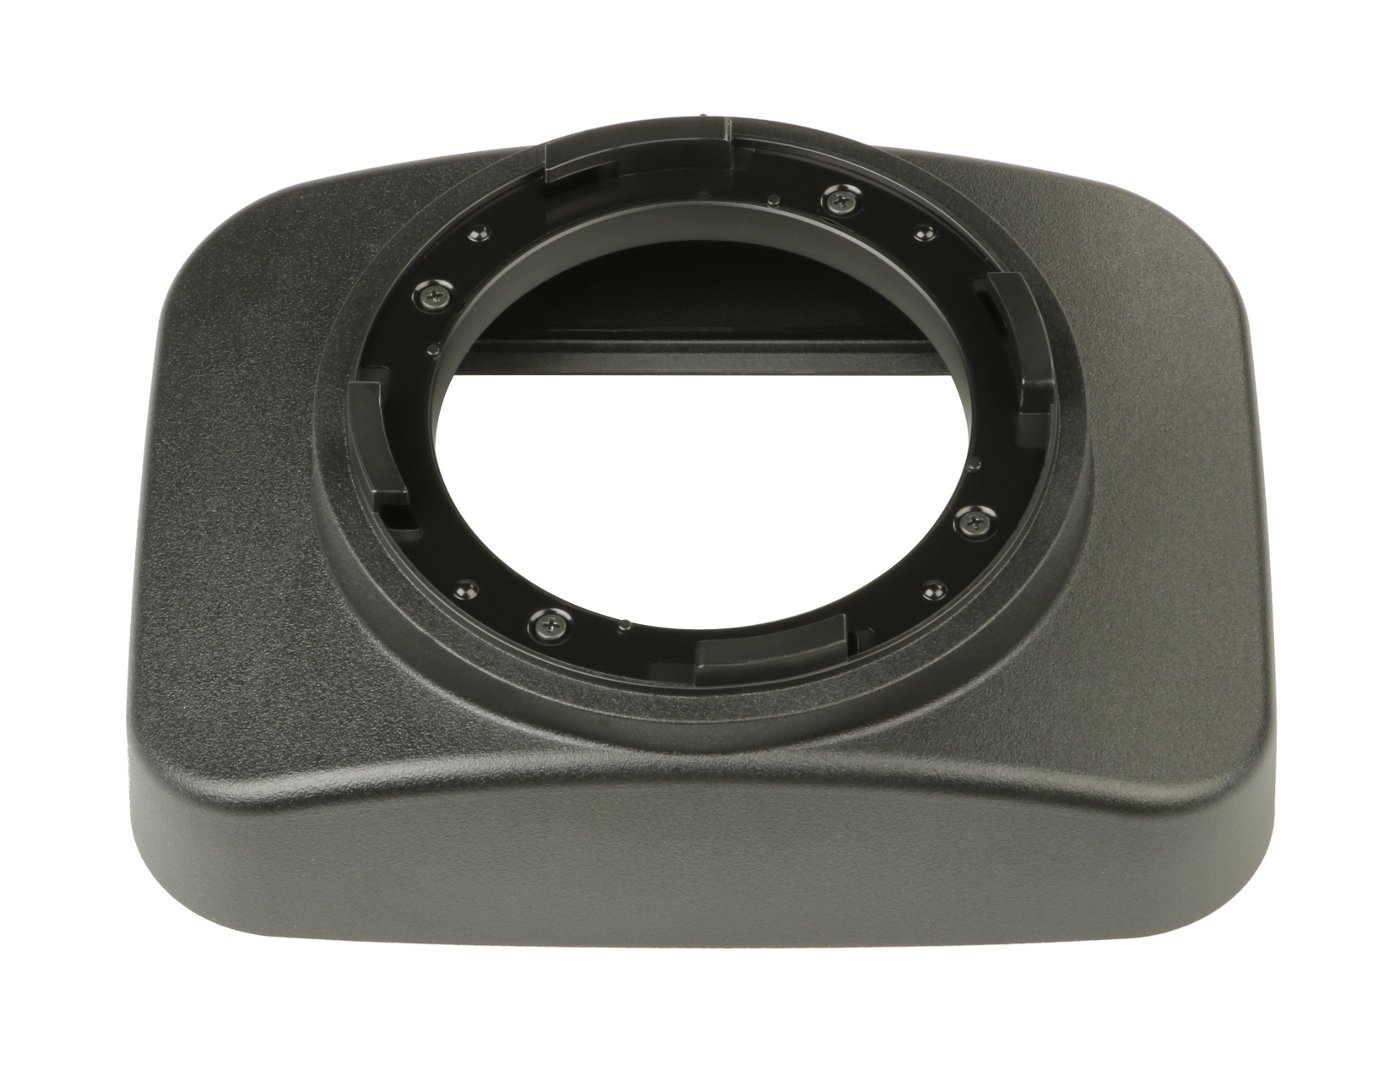 AG-HMC40 Lens Hood